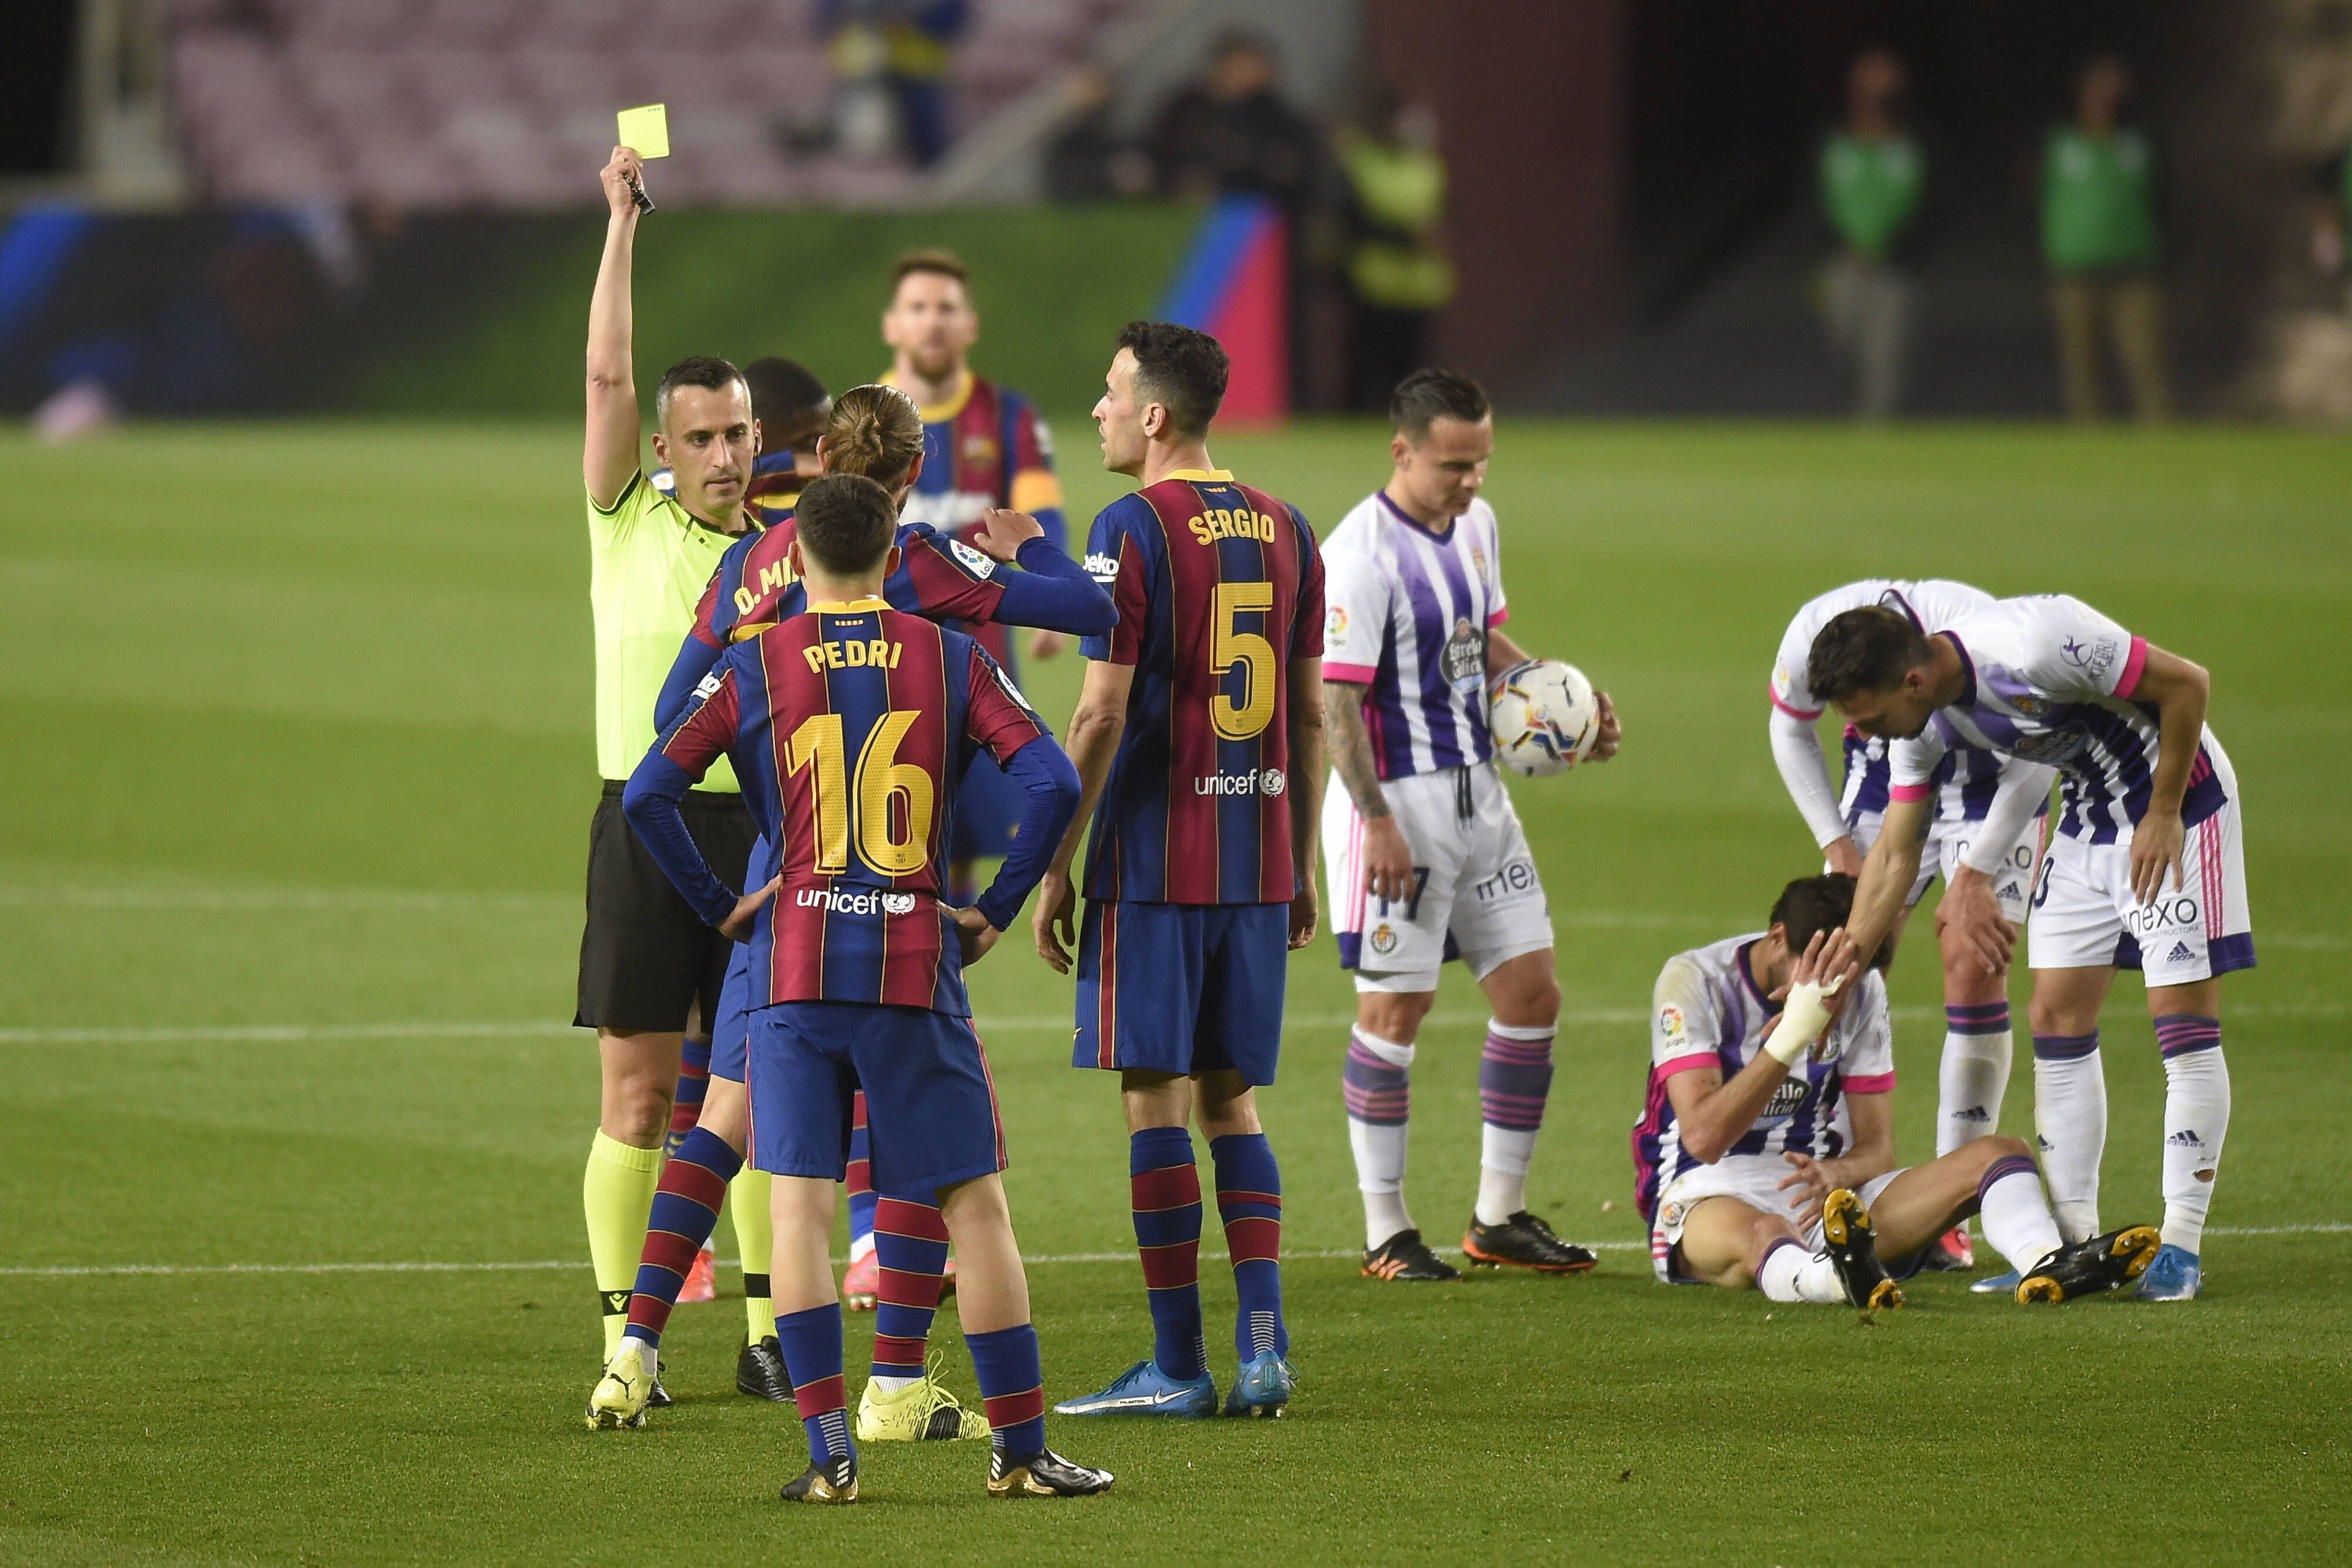 'Реал' — 'Барселона': стартовые составы команд на 'эль класико'